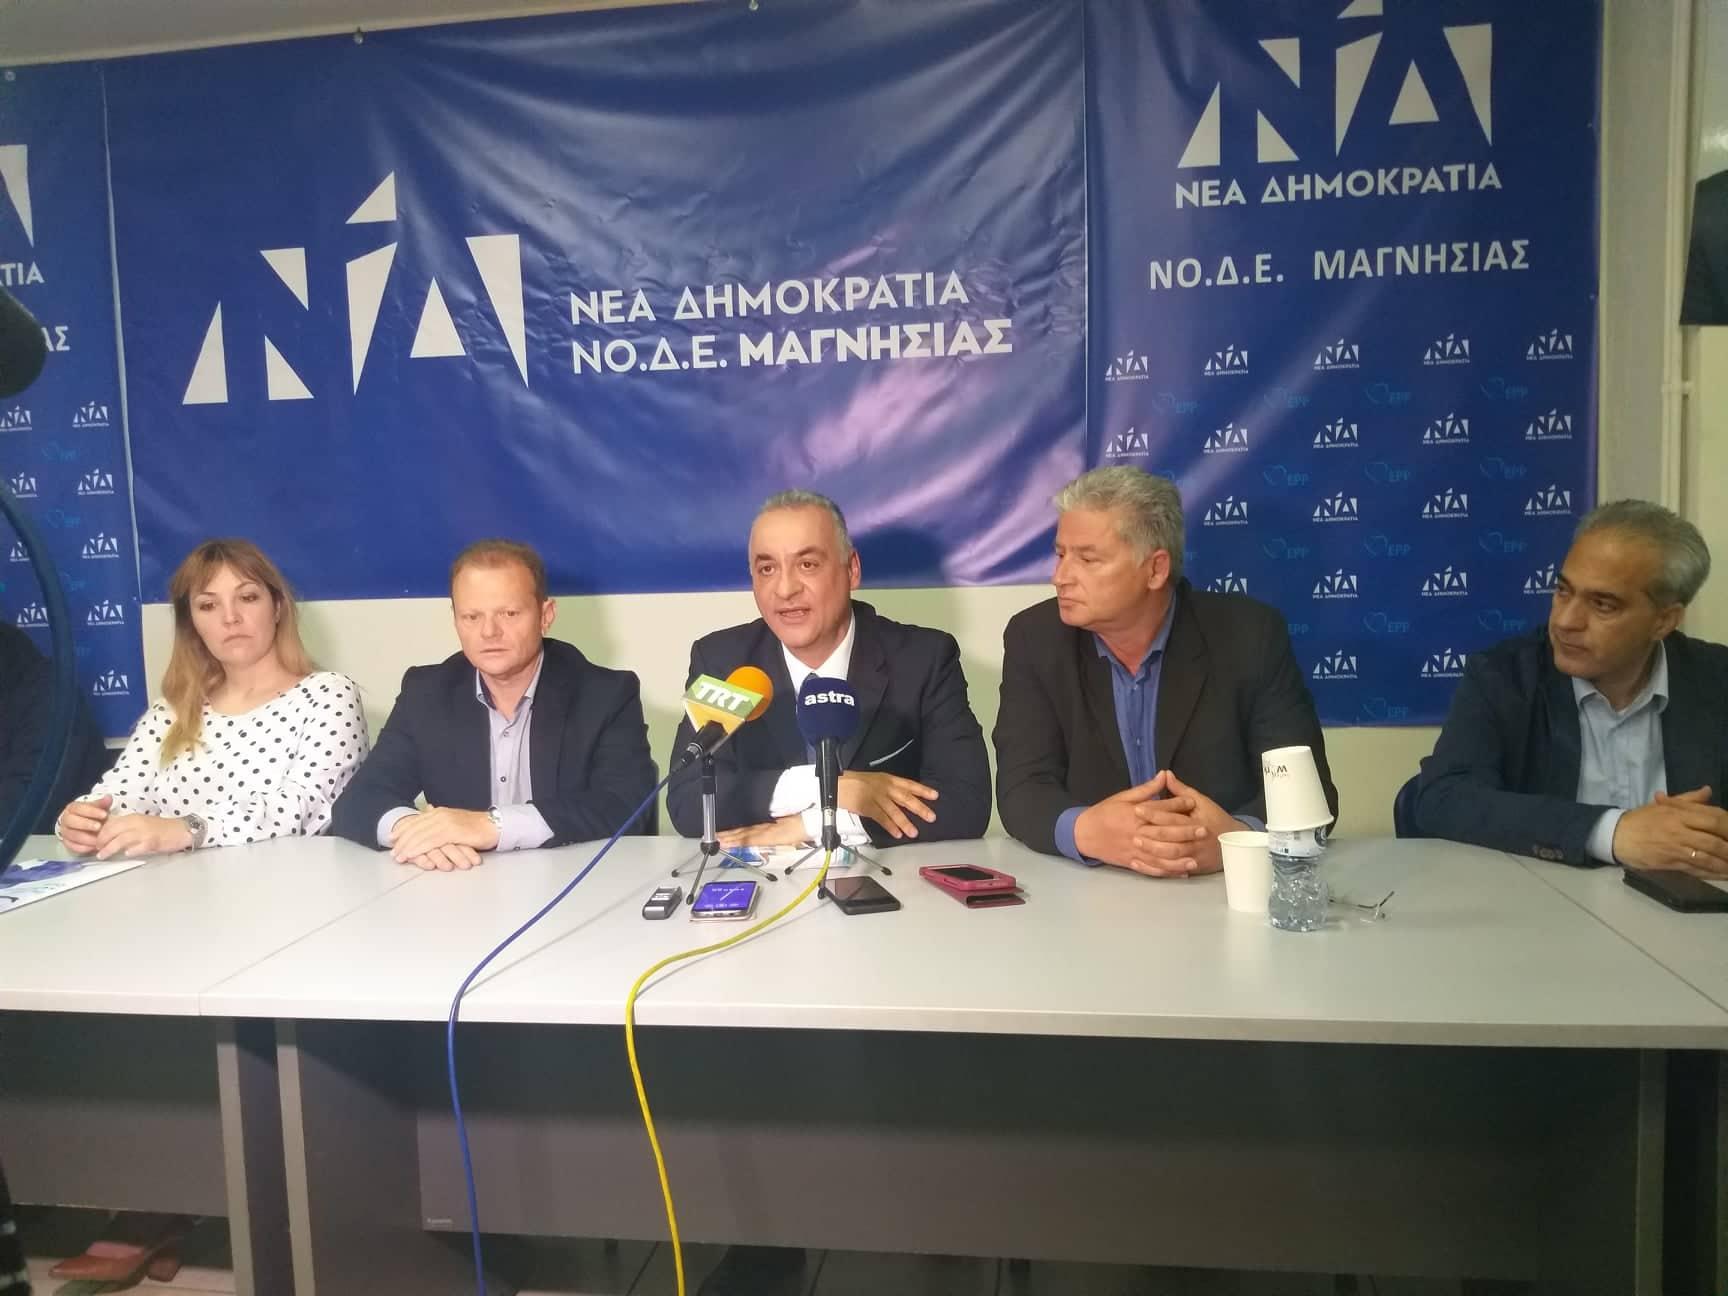 Κεφαλογιάννης: Μπορούμε να εκλέξουμε και 10 ευρωβουλευτές